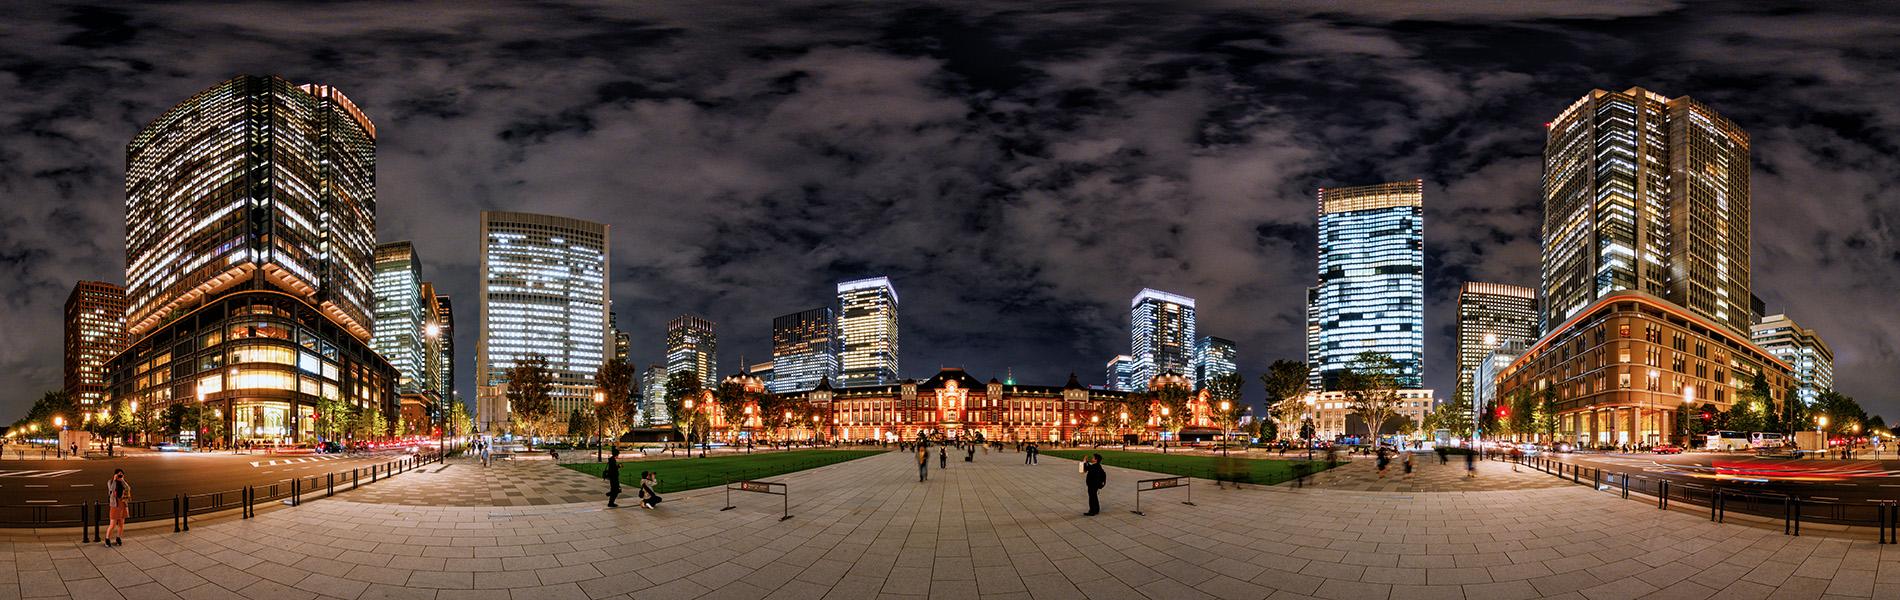 東京駅丸の内口駅前広場夜景